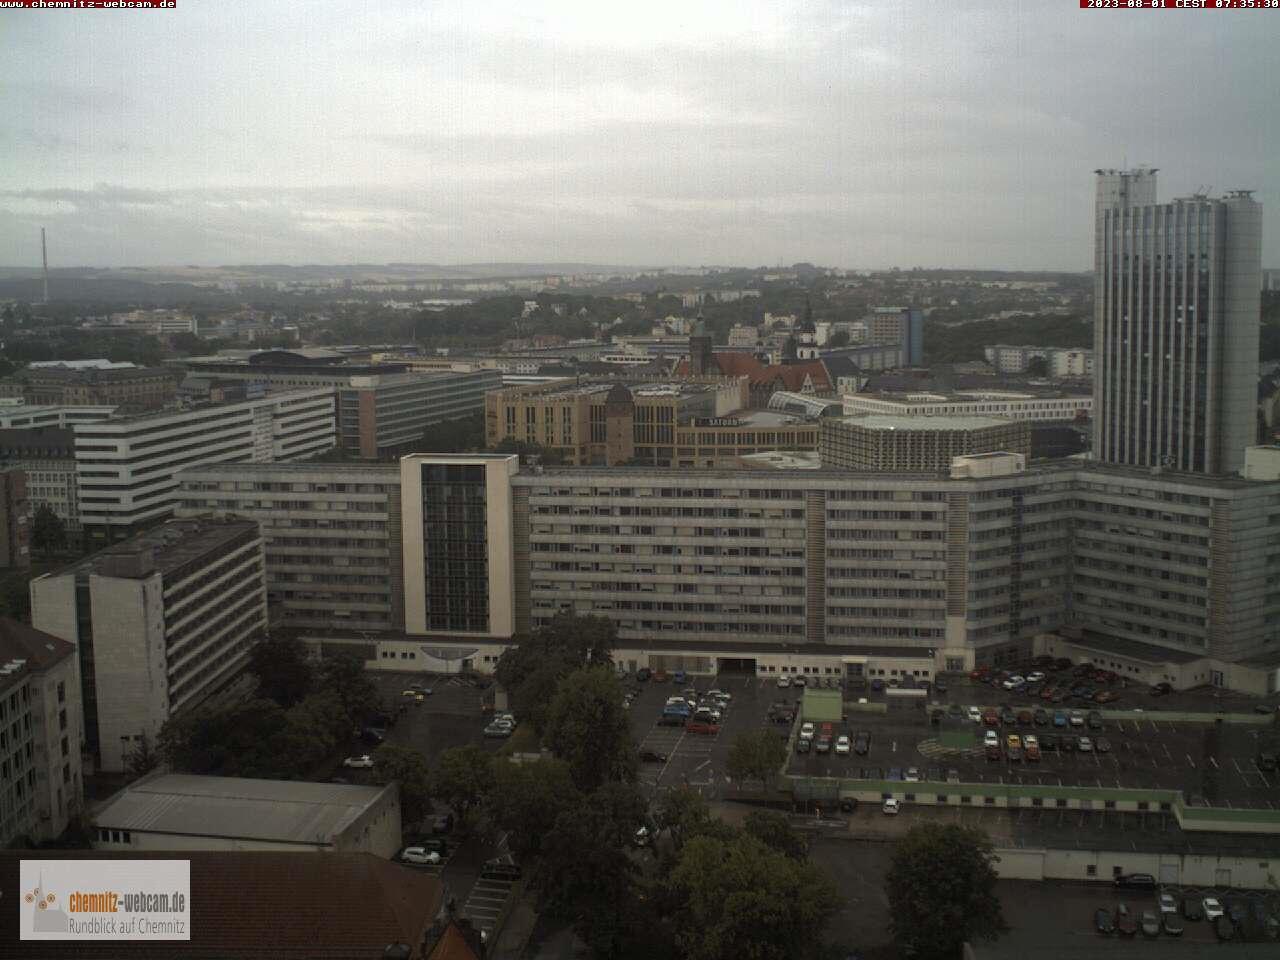 Chemnitz Sat. 07:45